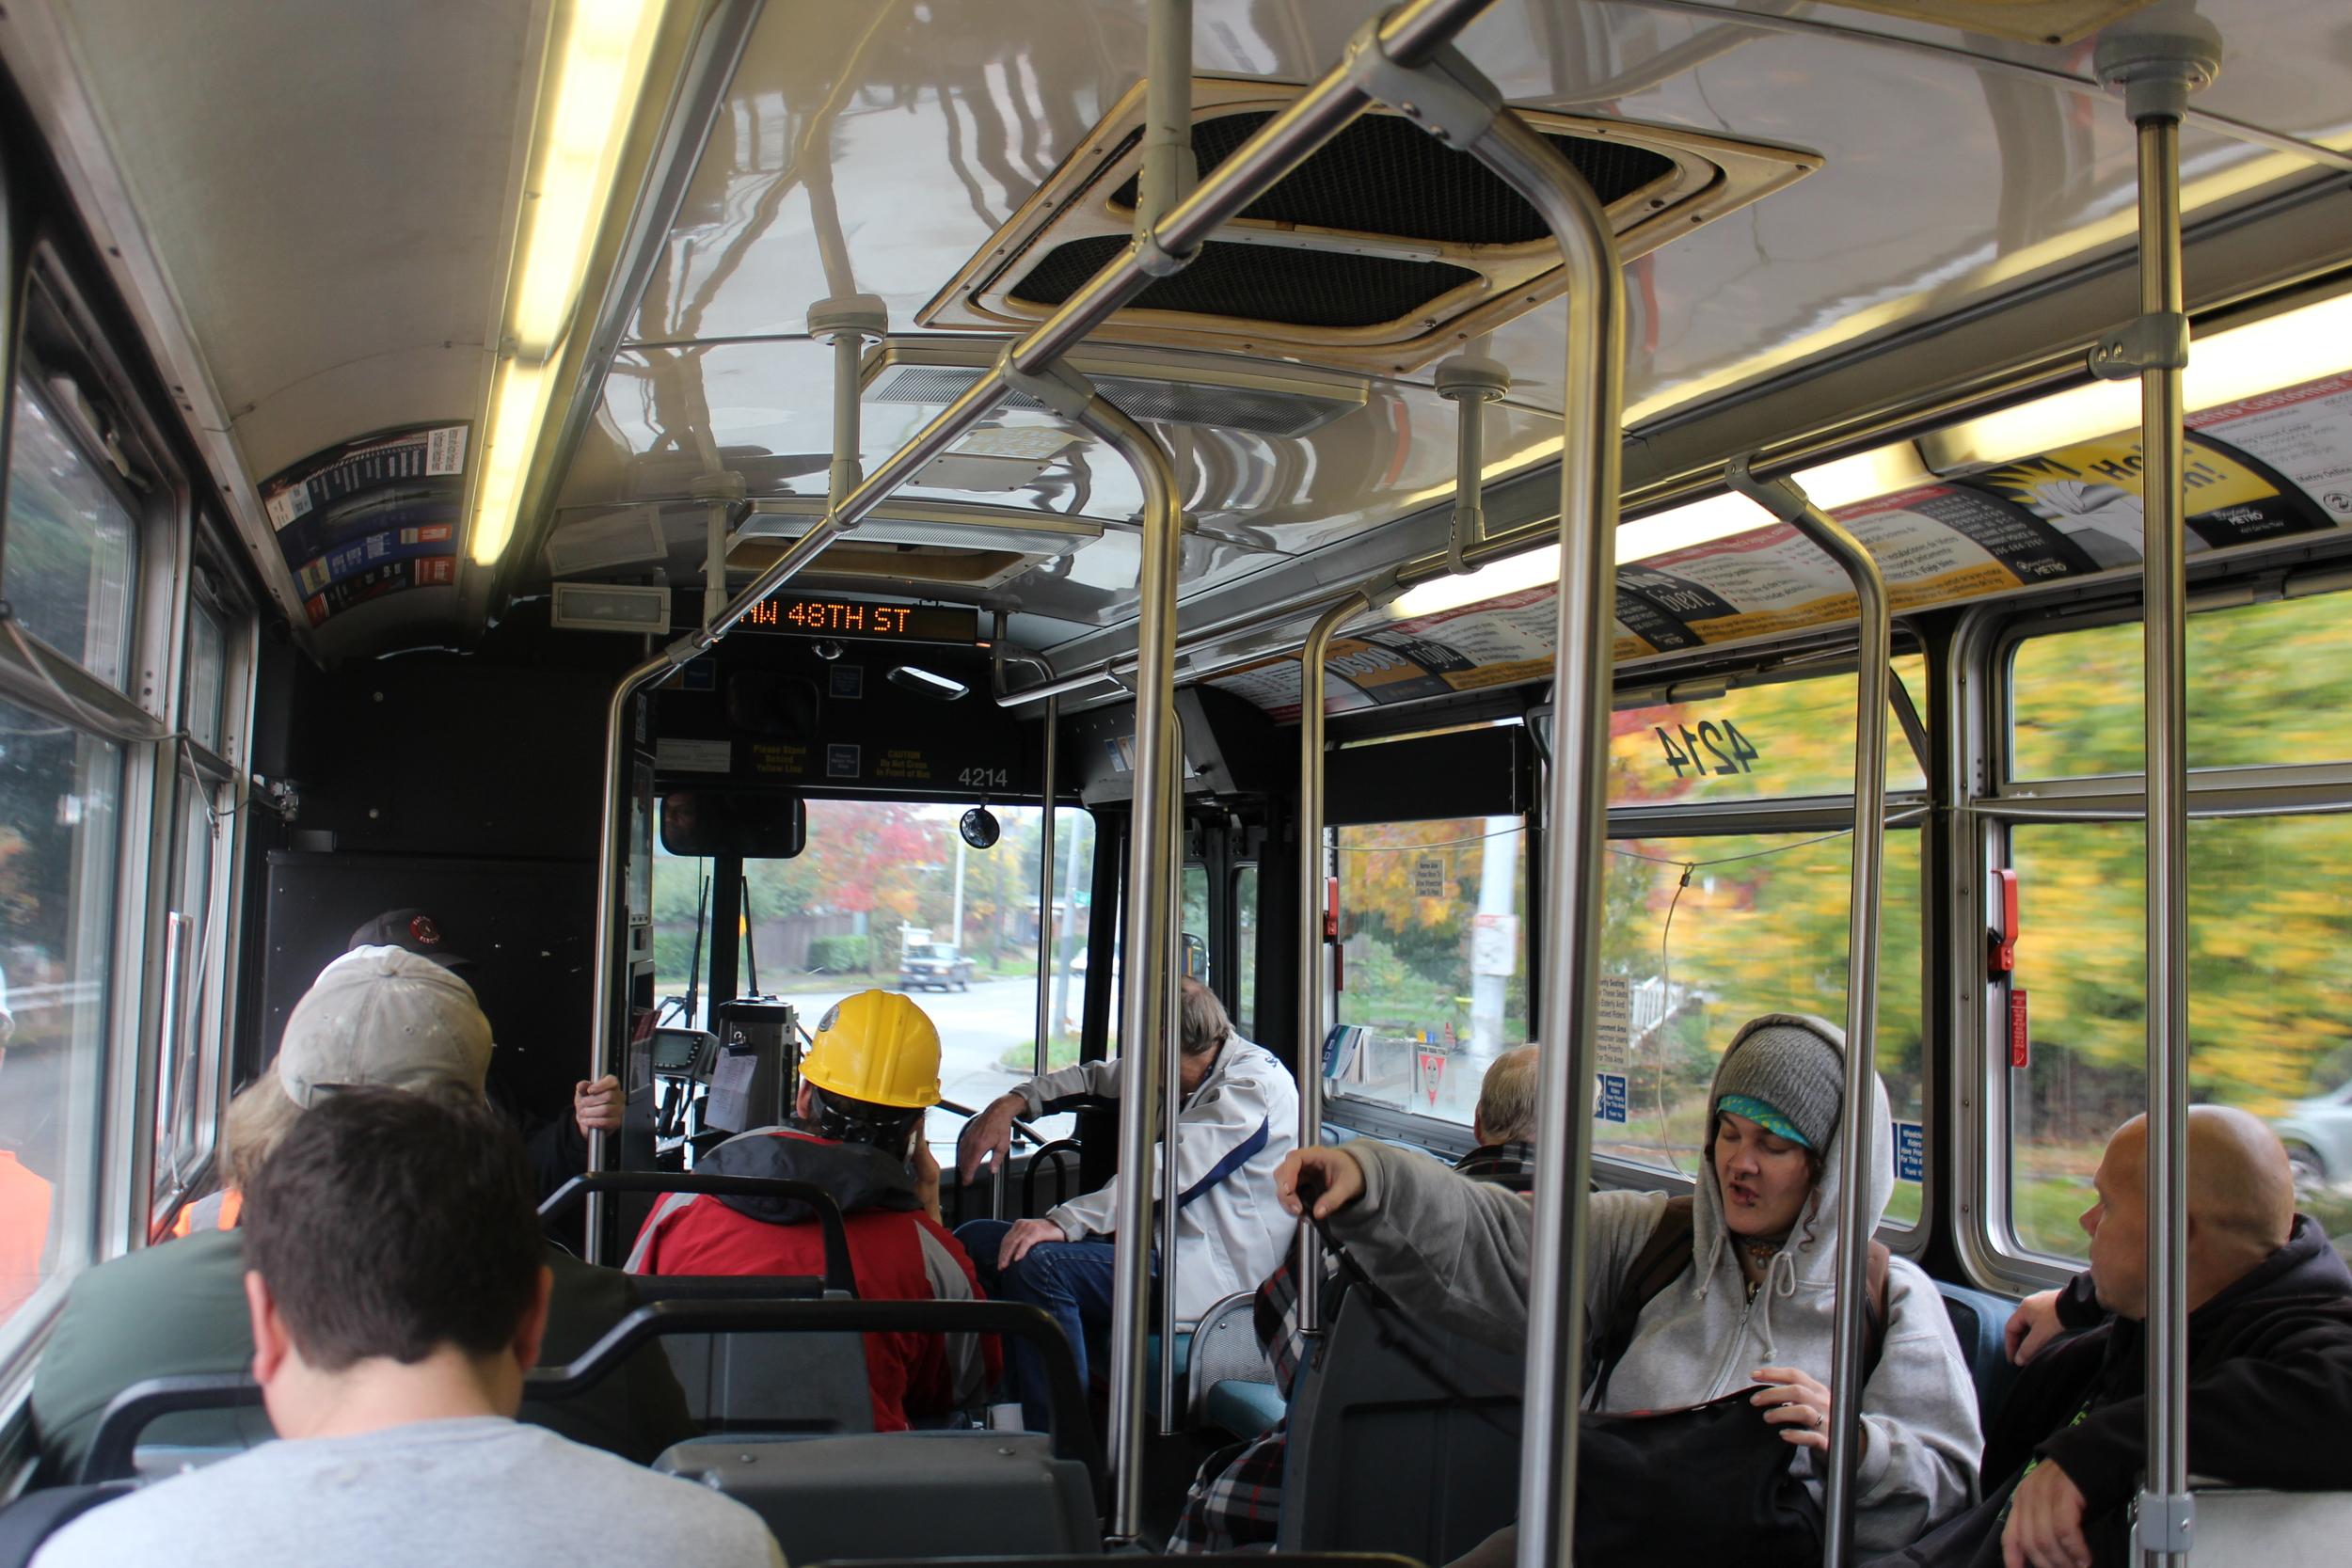 Bus local à Seattle: les deux à droite étaient en plein discussion sur le régime sans glucides, c'était assez marrant :D